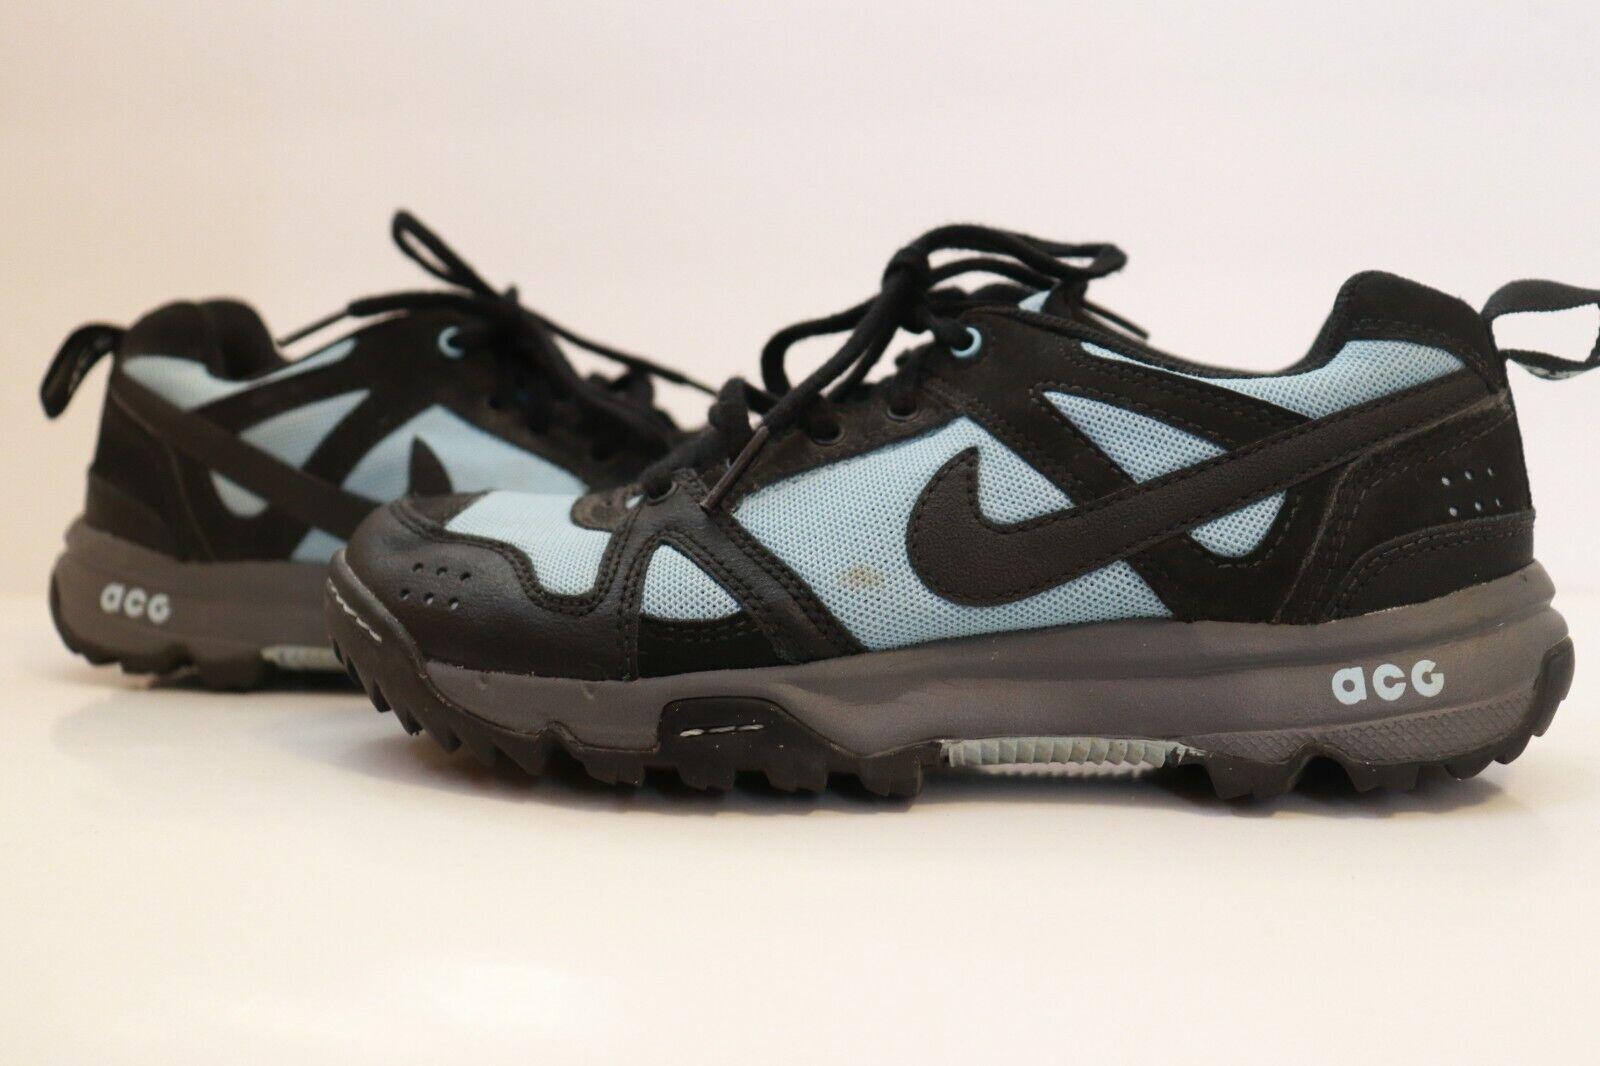 Nike ACG Rongbuk Low Trail Chaussures De Randonnée Taille 6 Femme 348213-001